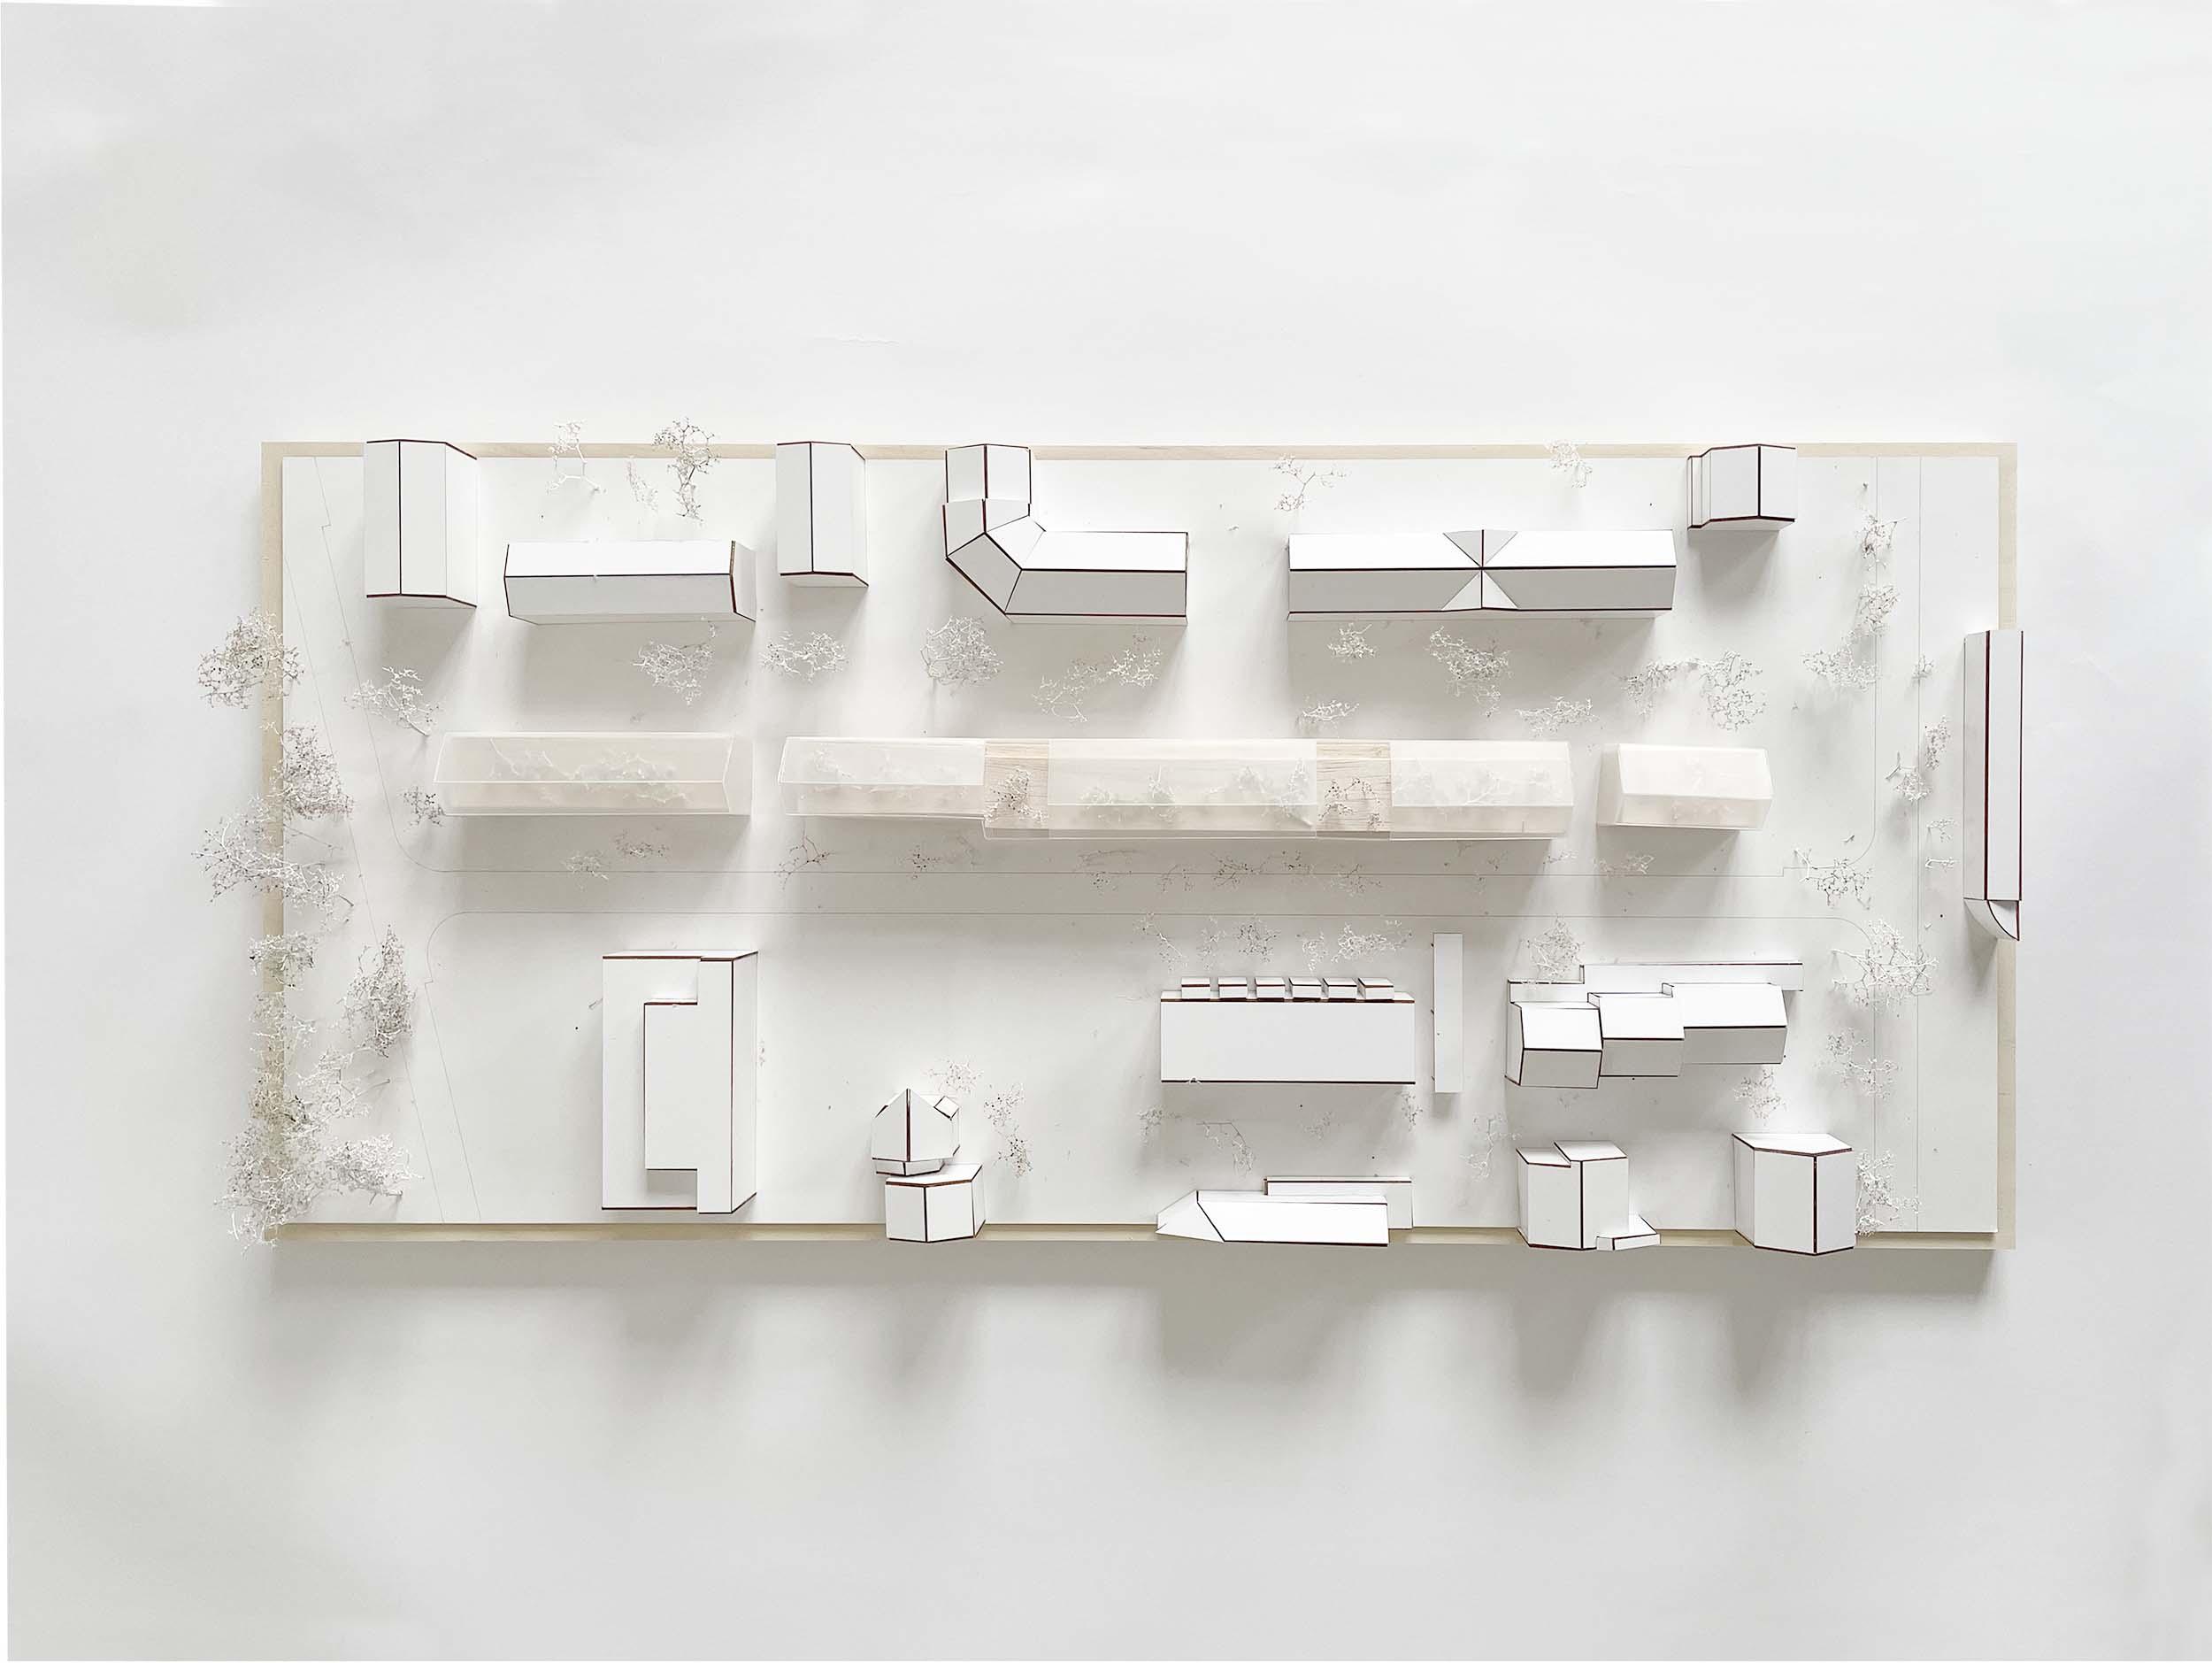 3_PLA_publication_maquette plan